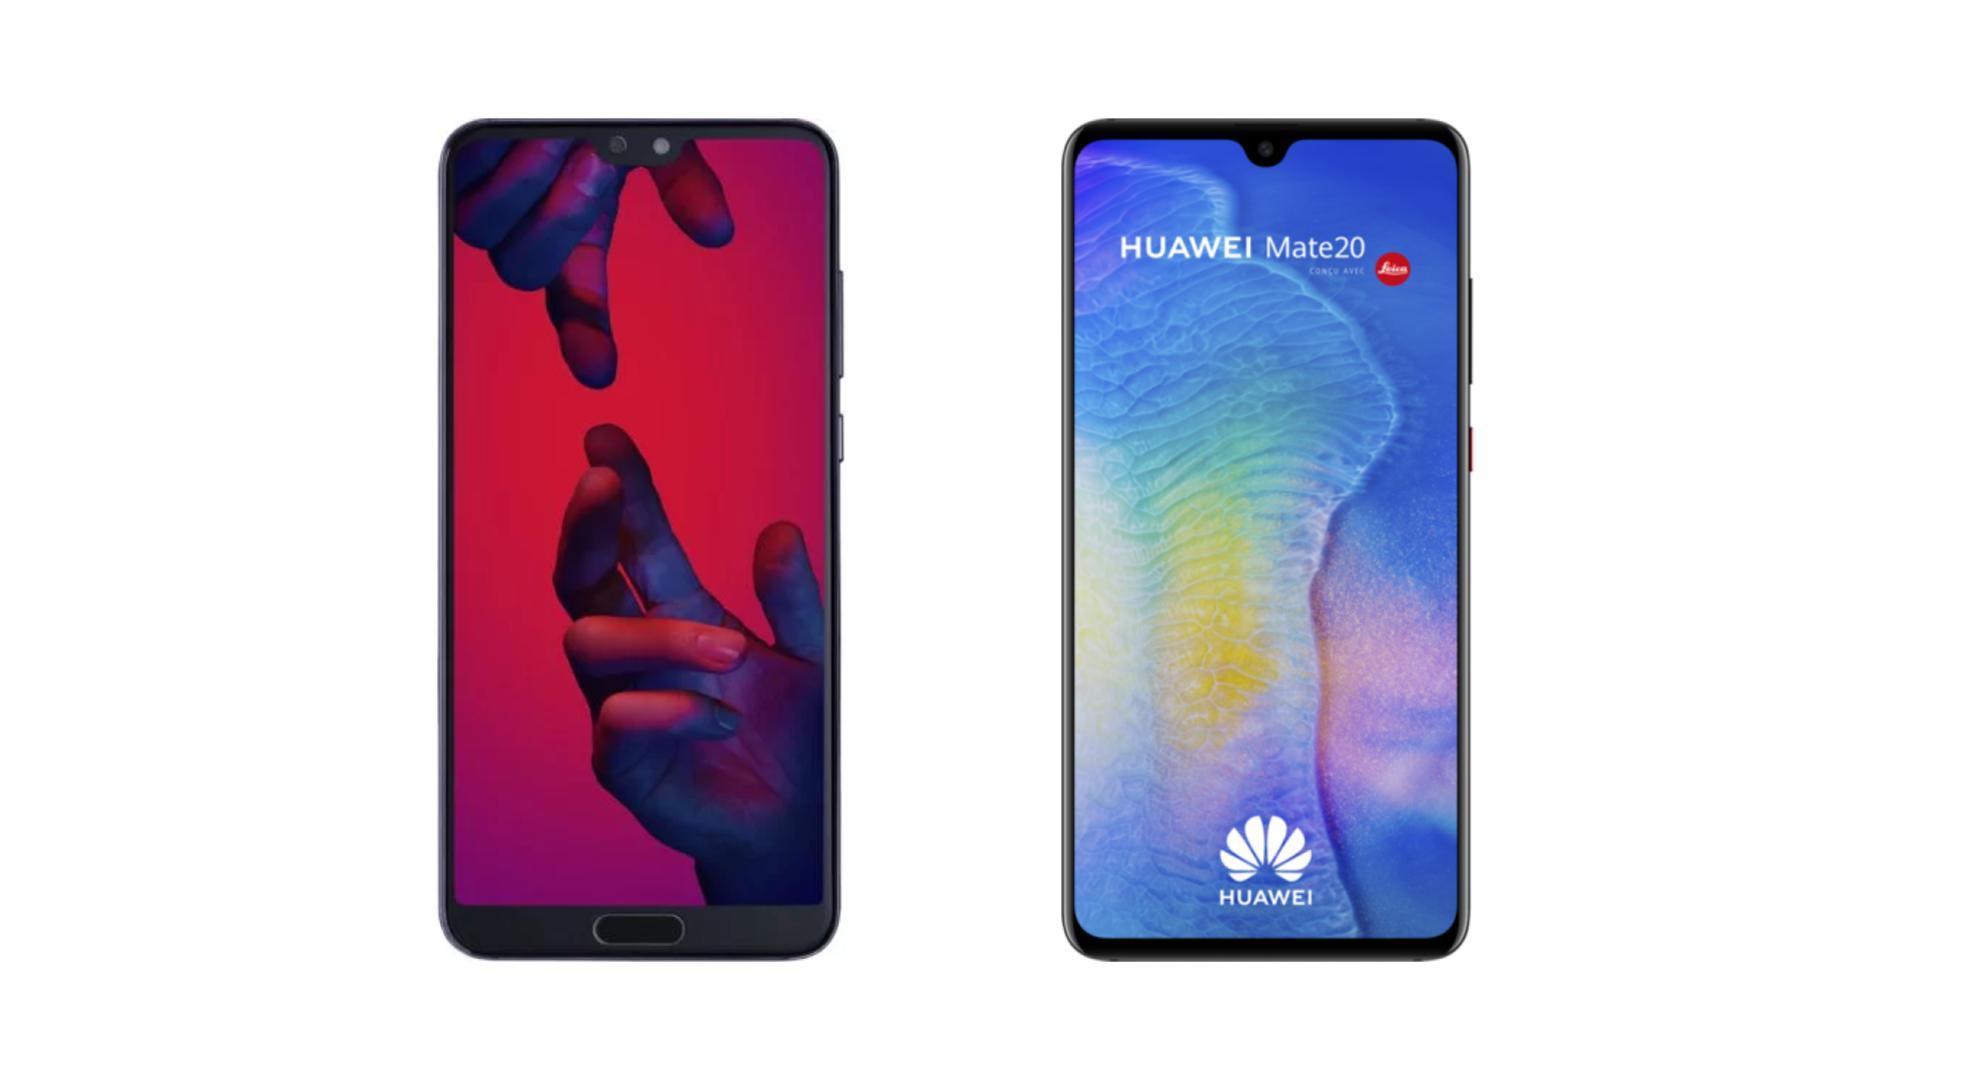 🔥 Soldes 2019 : le Huawei P20 Pro à 499 euros et le Mate 20 à 549 euros sur Rue du Commerce